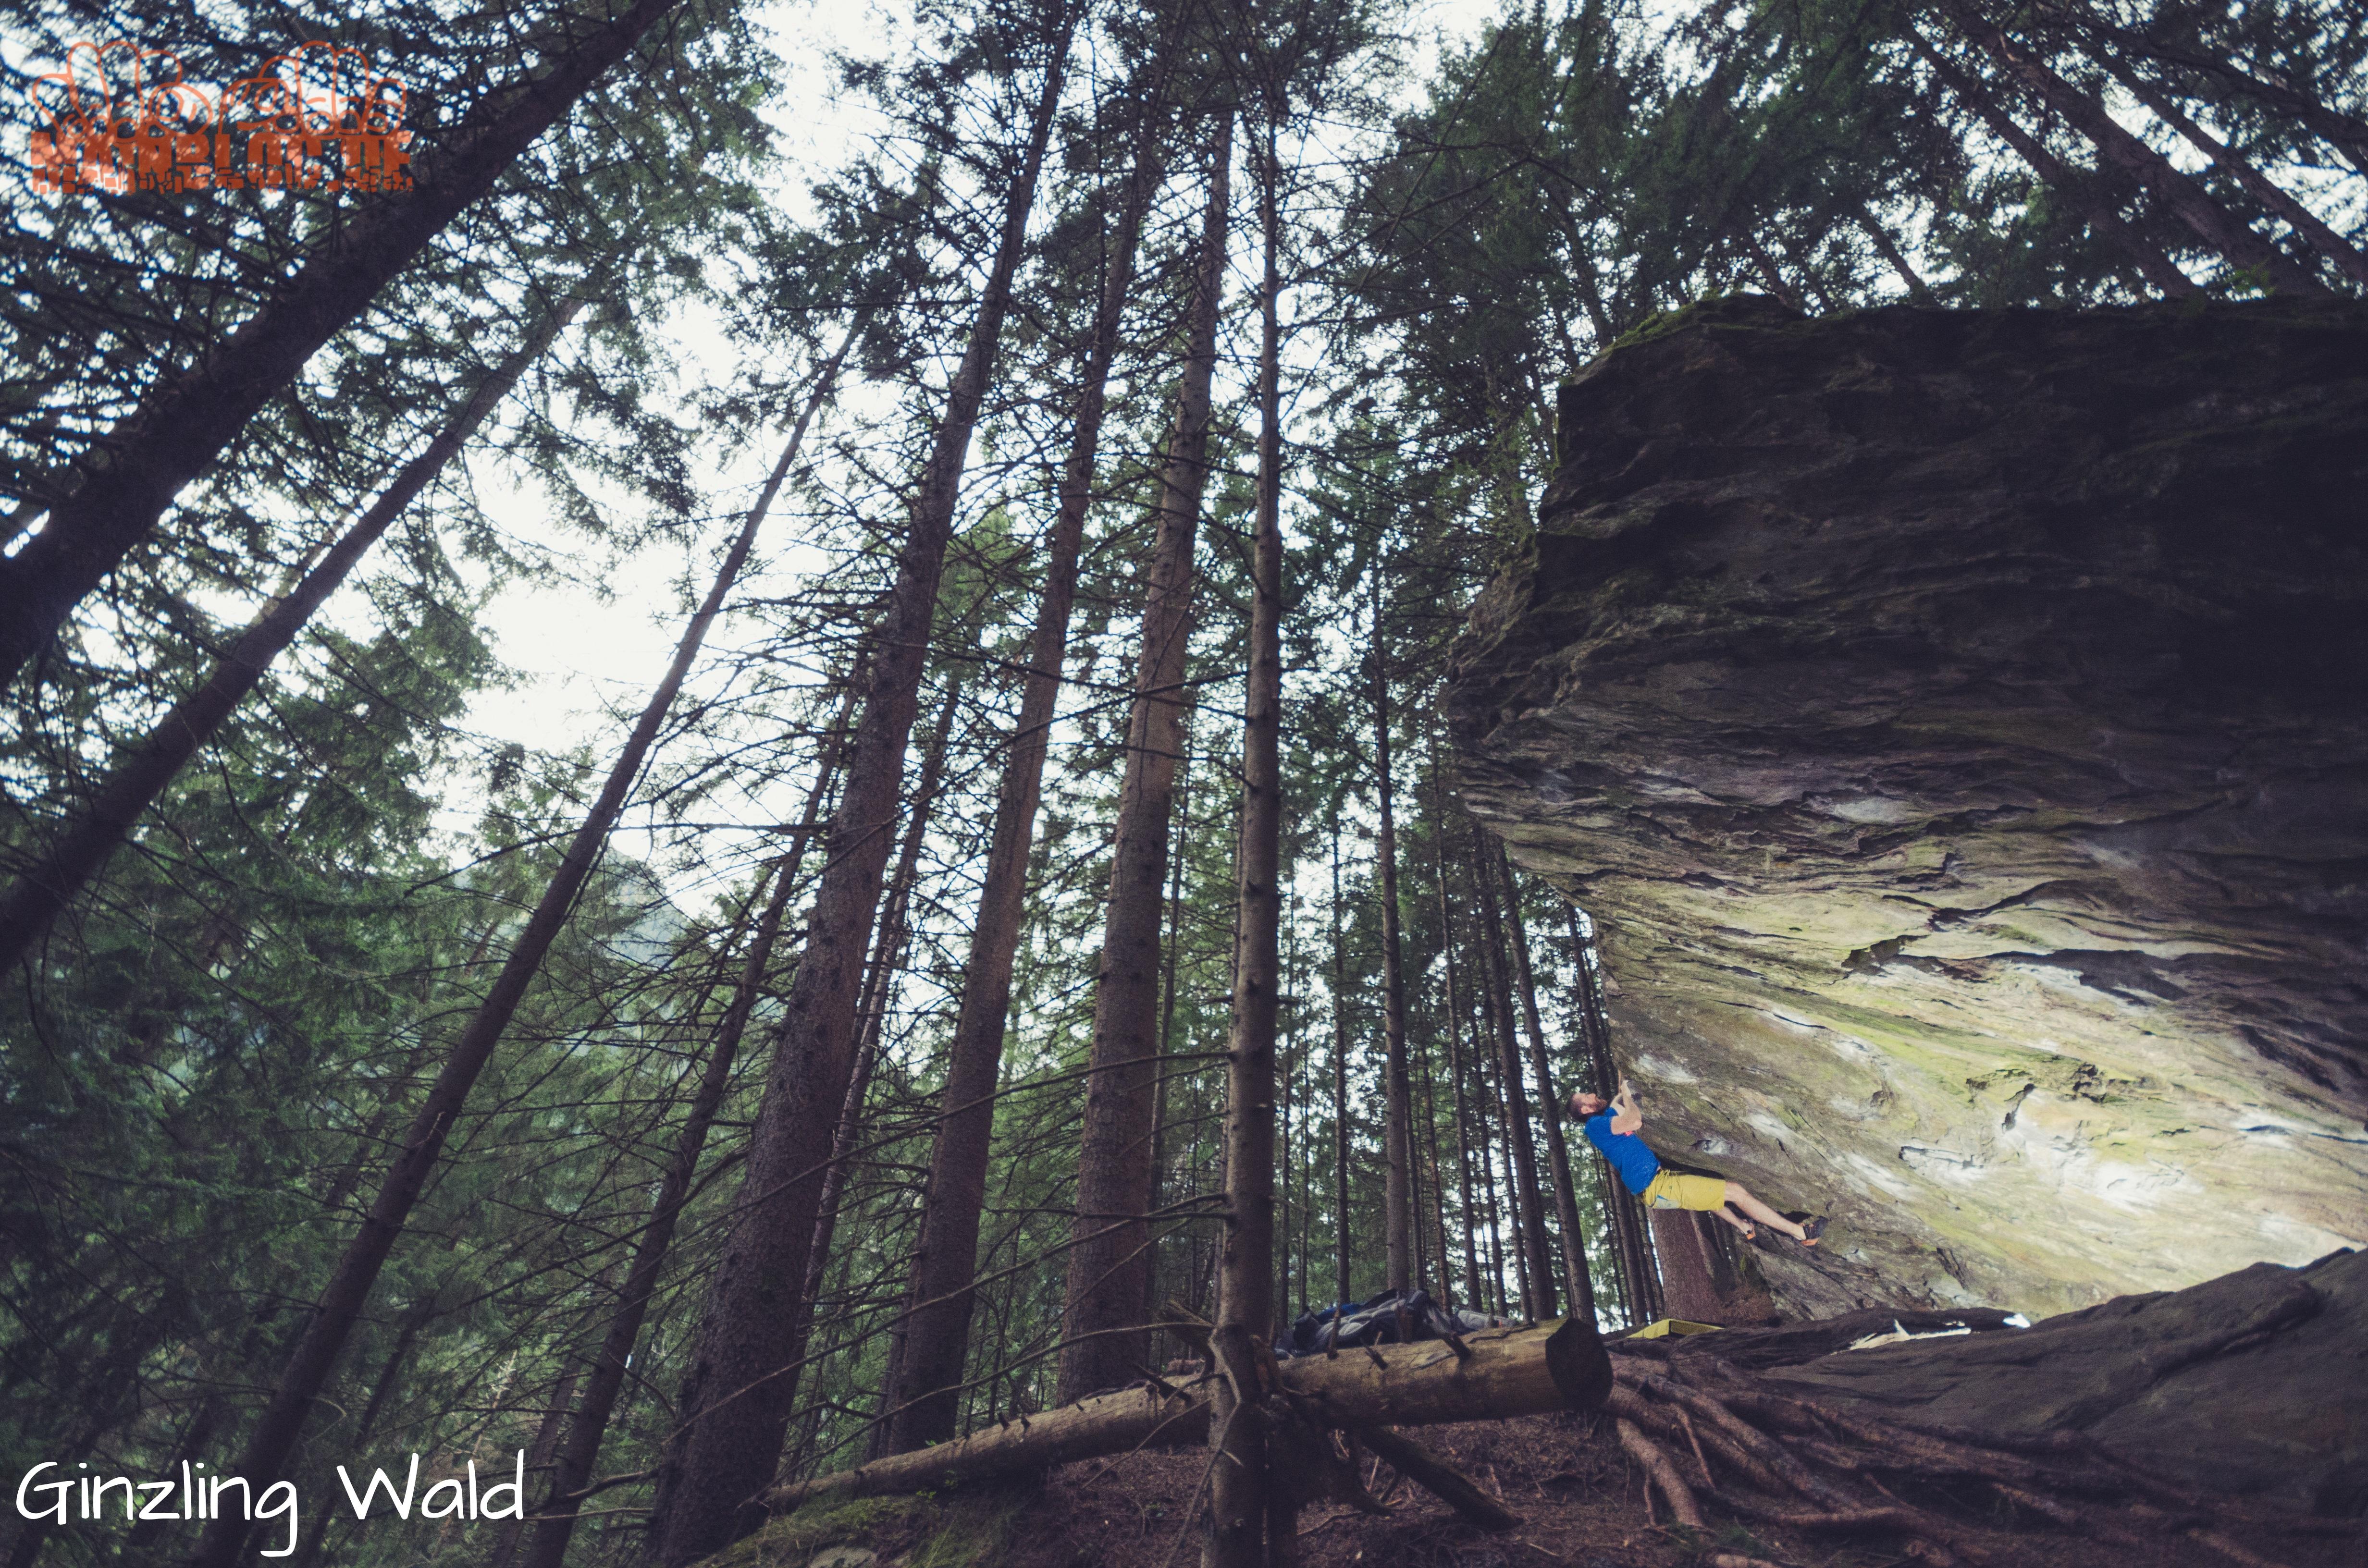 Zillertal - Ginzling Wald - Bouldern